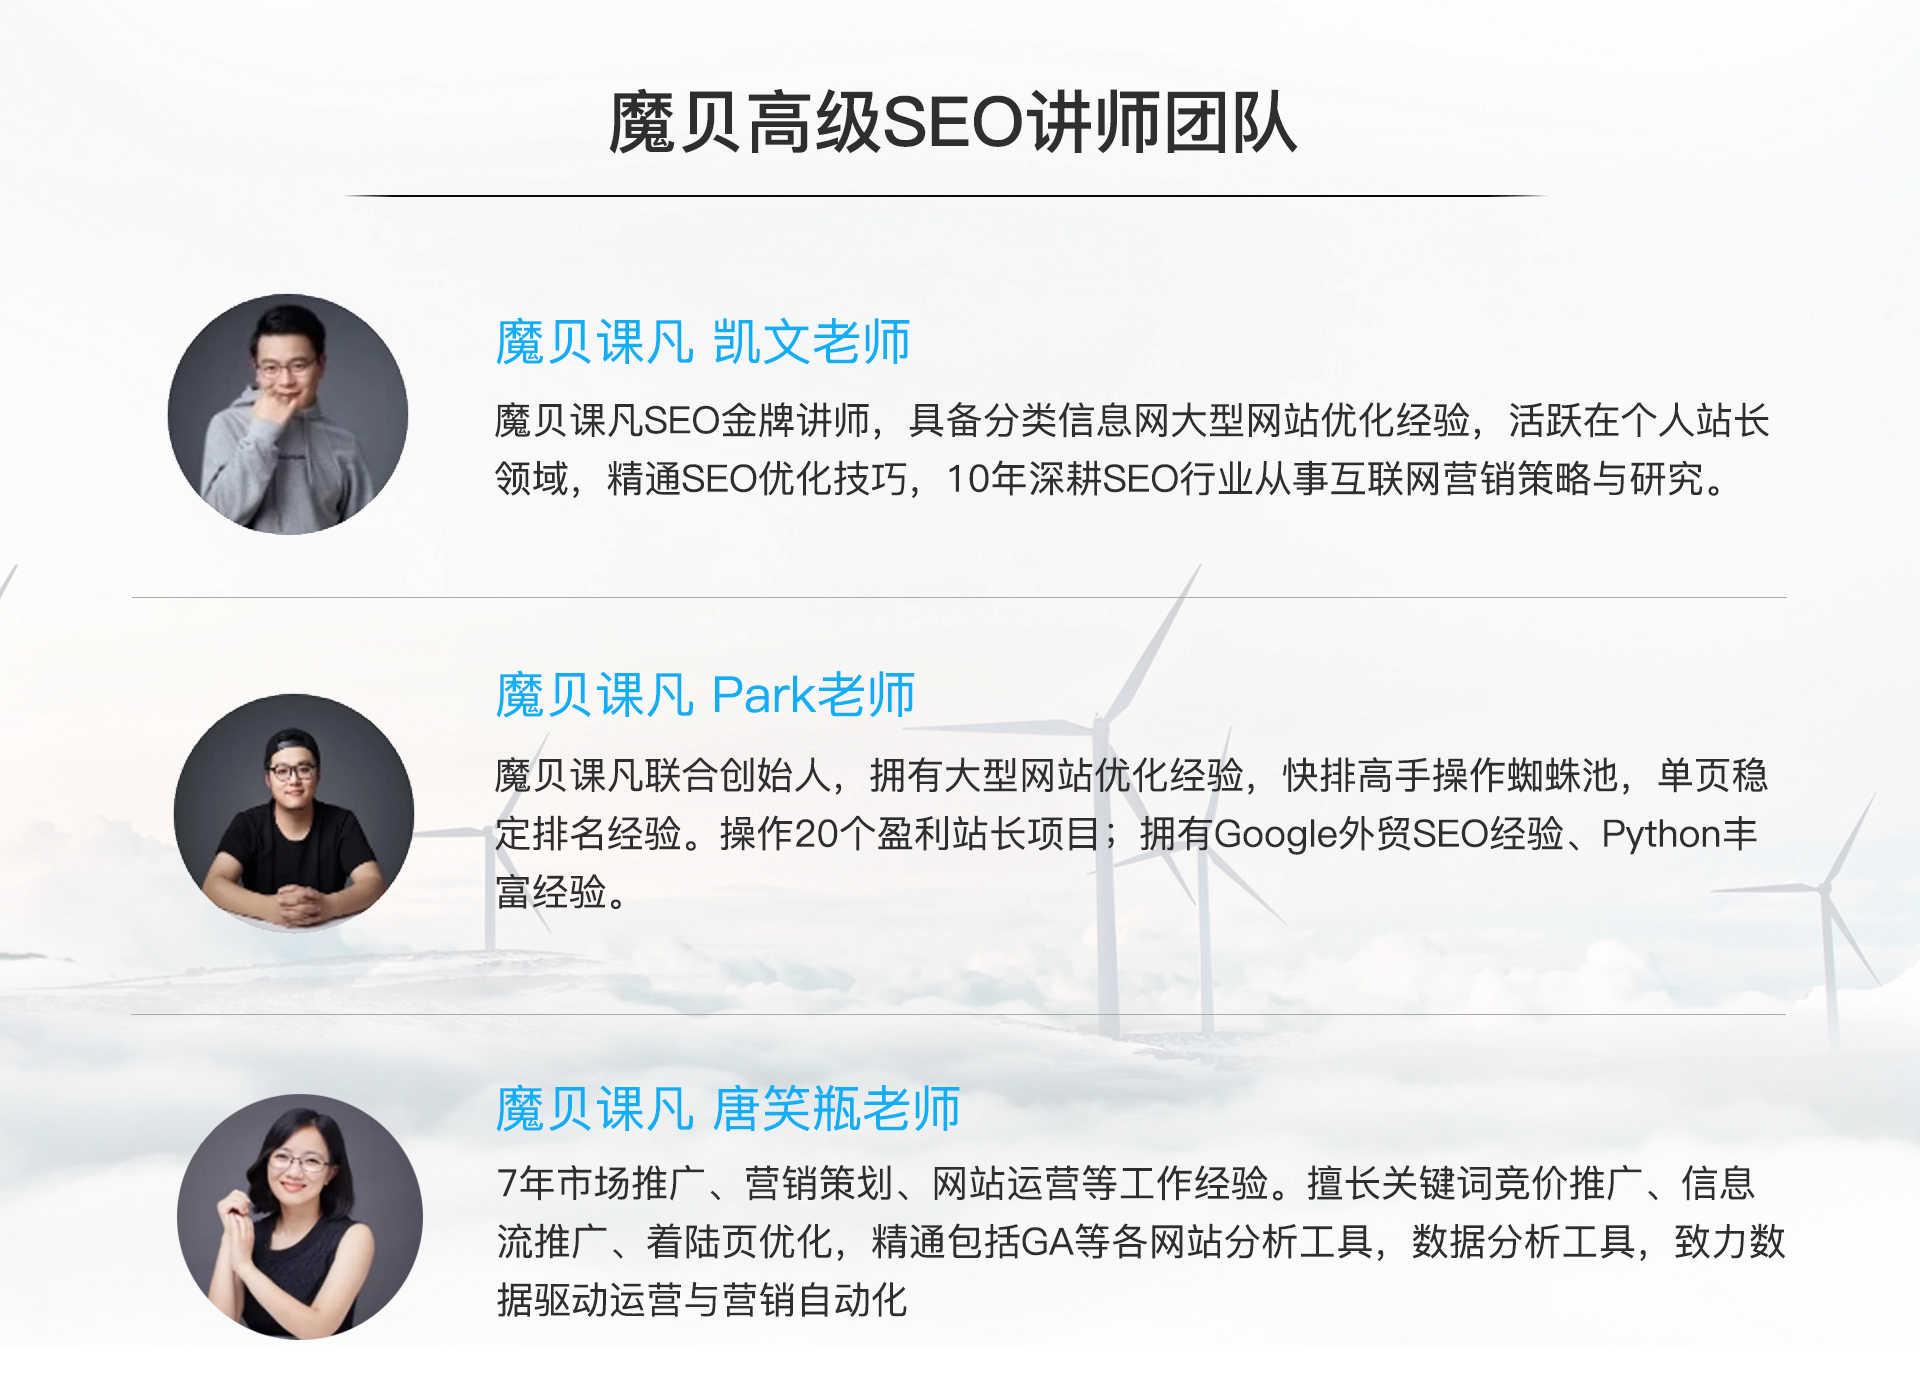 魔贝课凡seo第9期实战VIP教程(2020更新中)第10期VIP高级课程